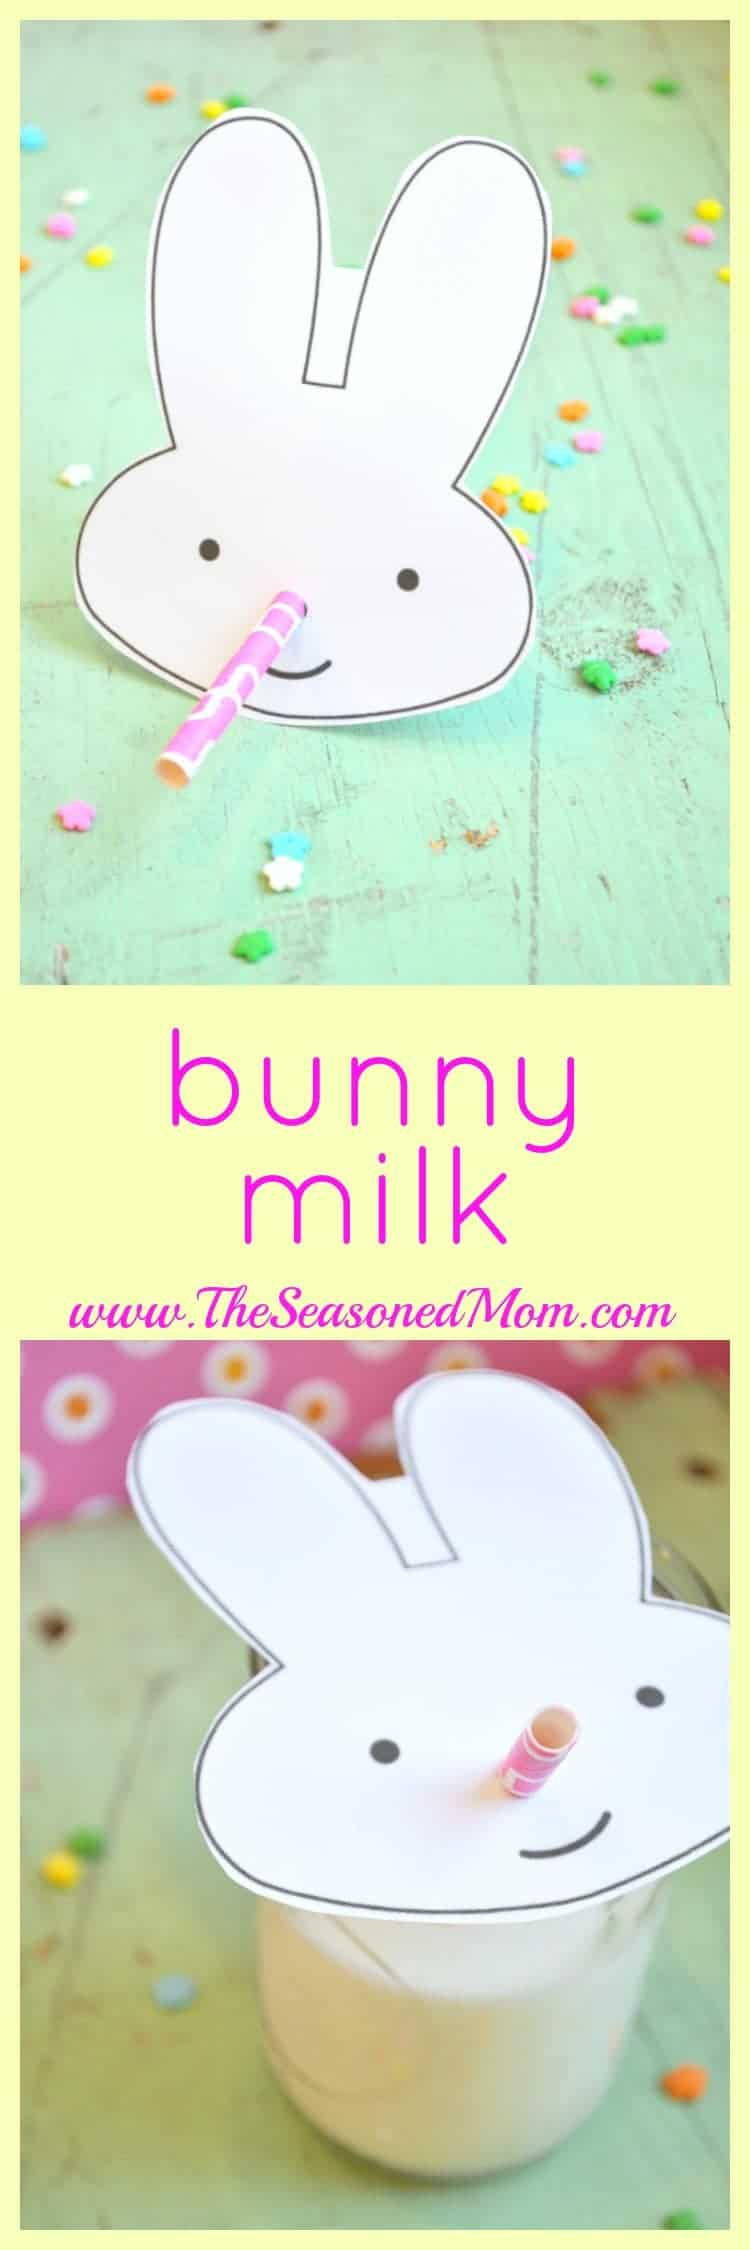 Bunny Milk